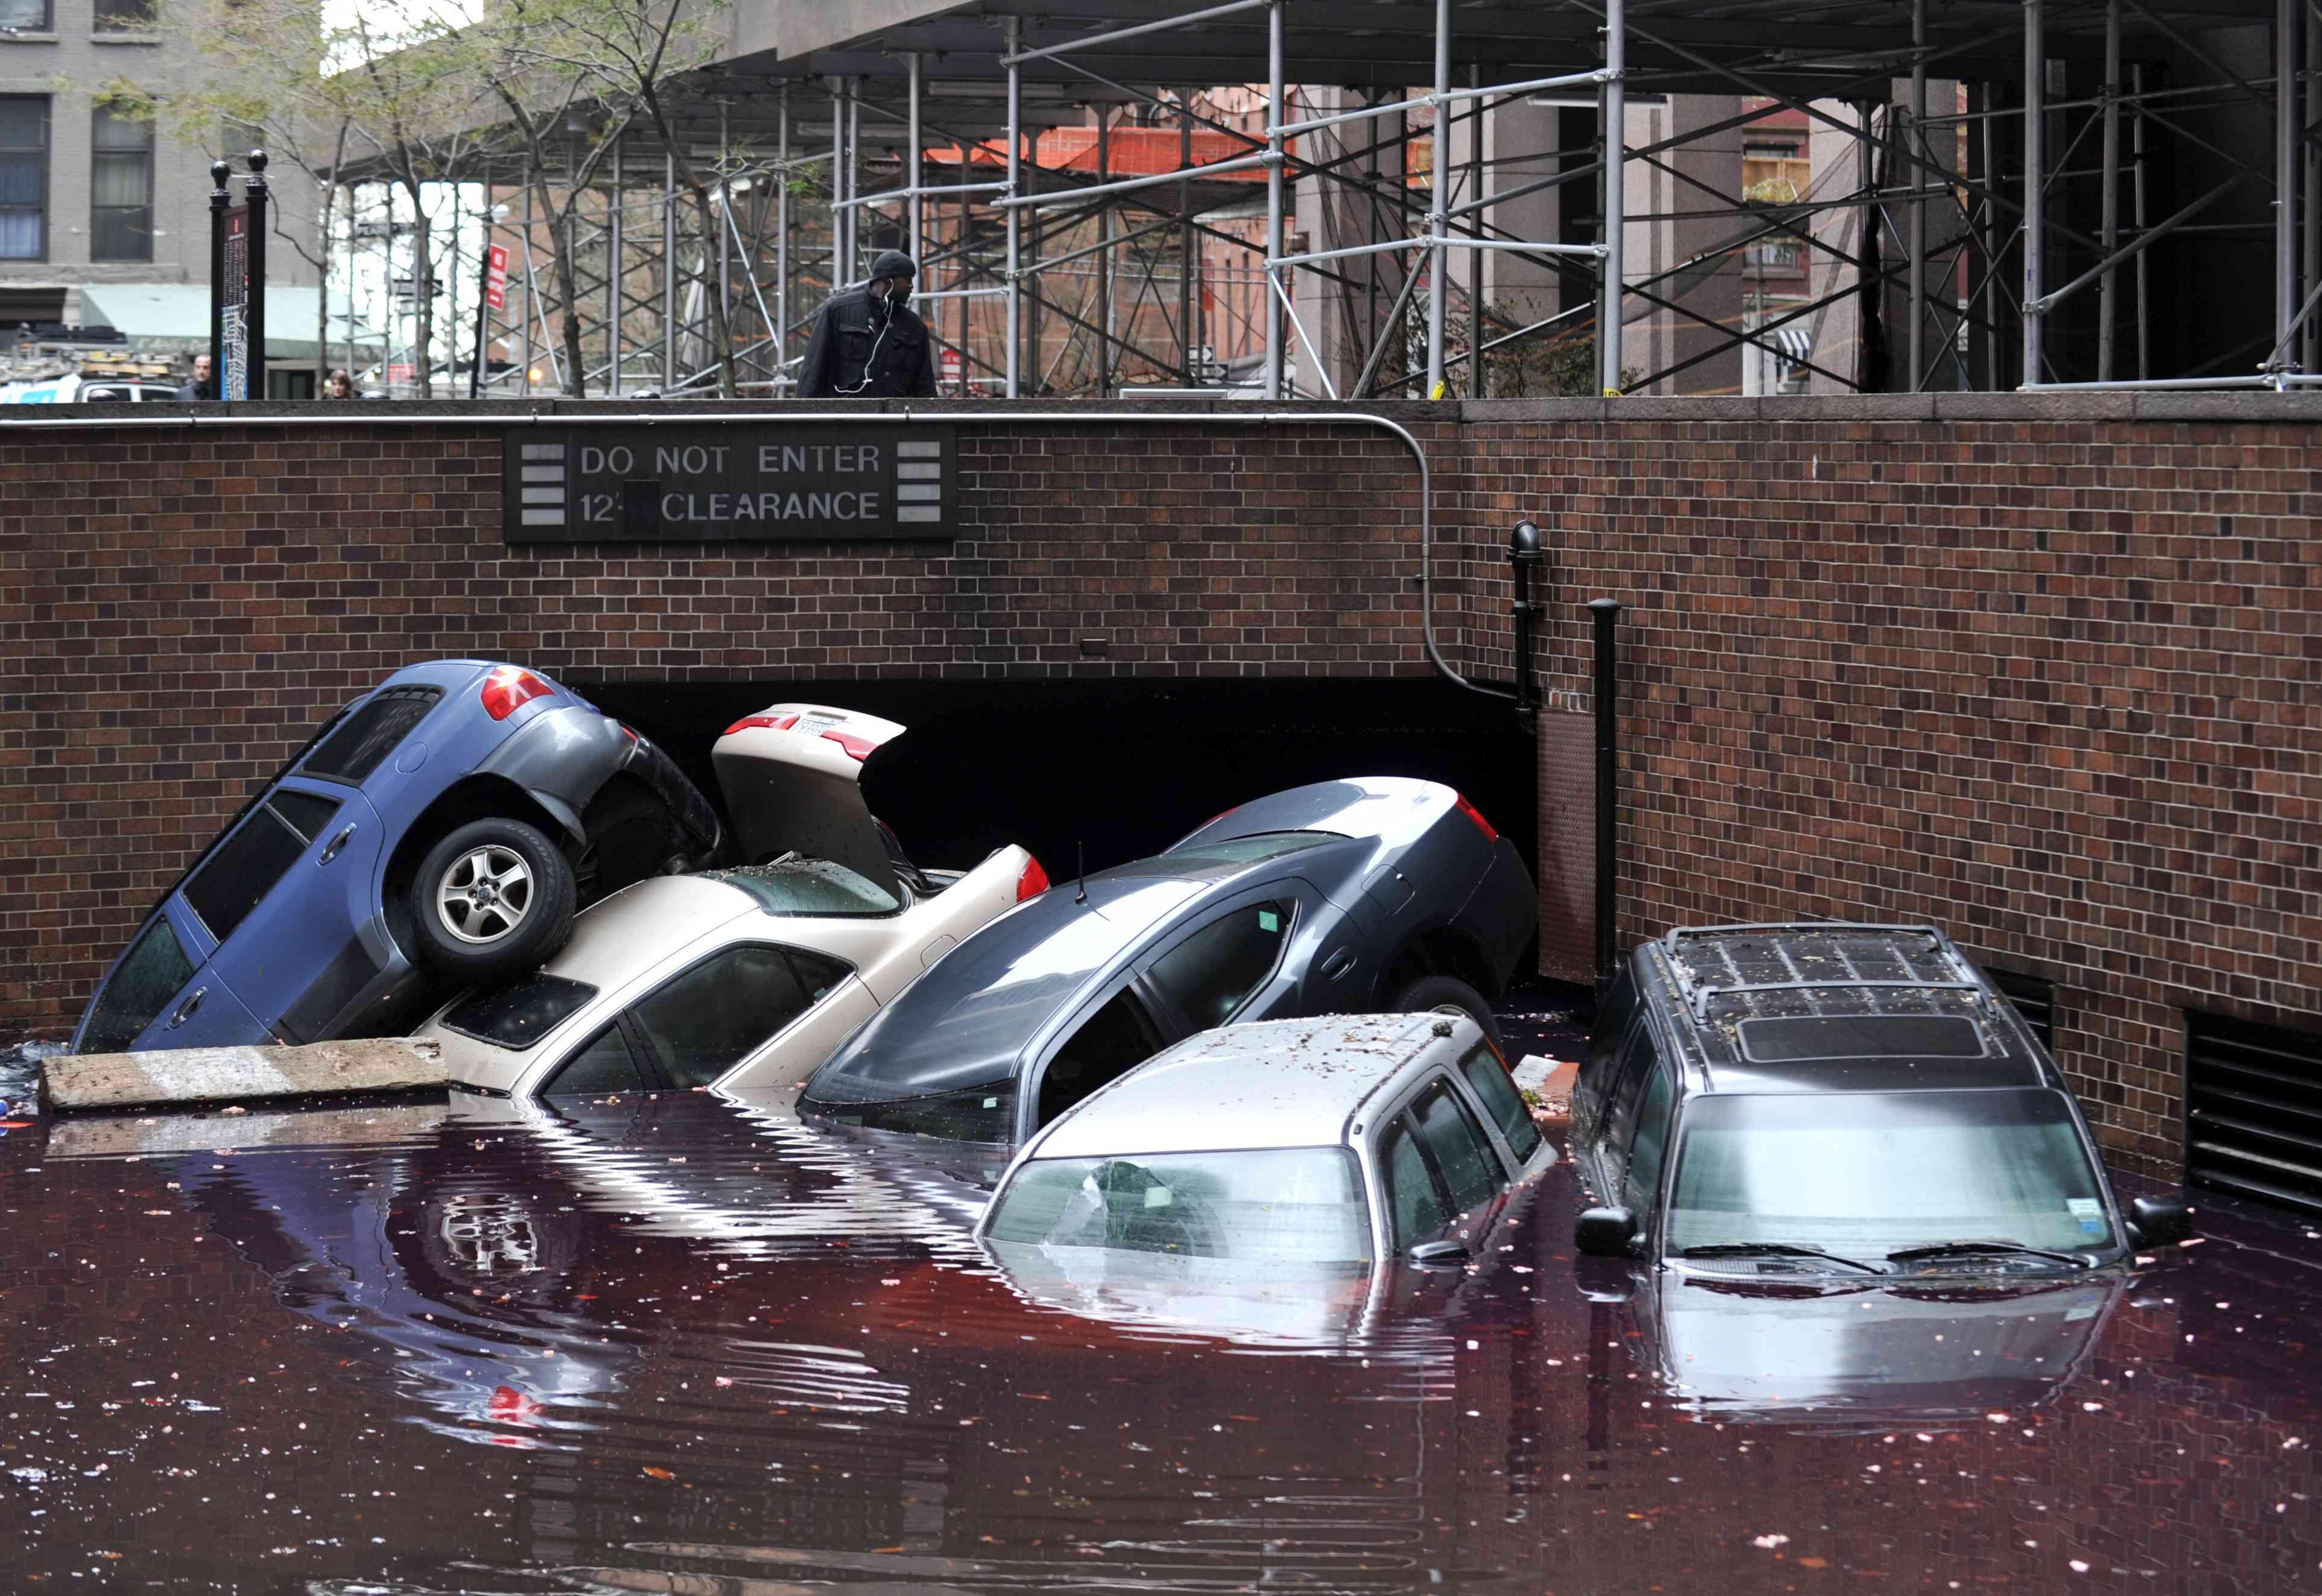 Damage after Hurricane Sandy, Lower Manhattan